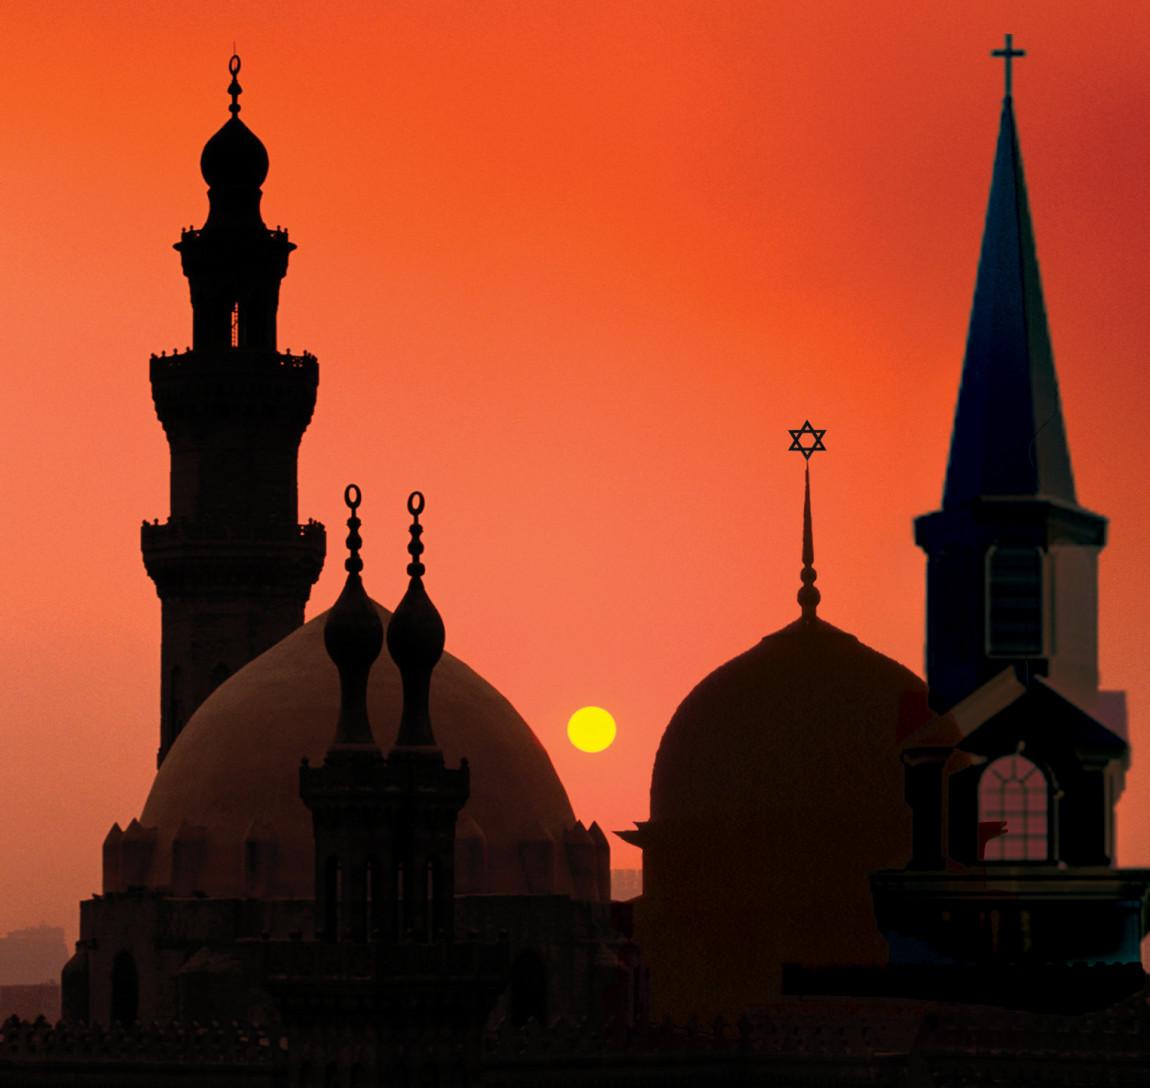 Matrimonio e consumazione nei diritti religiosi (Tesi di dottorato)